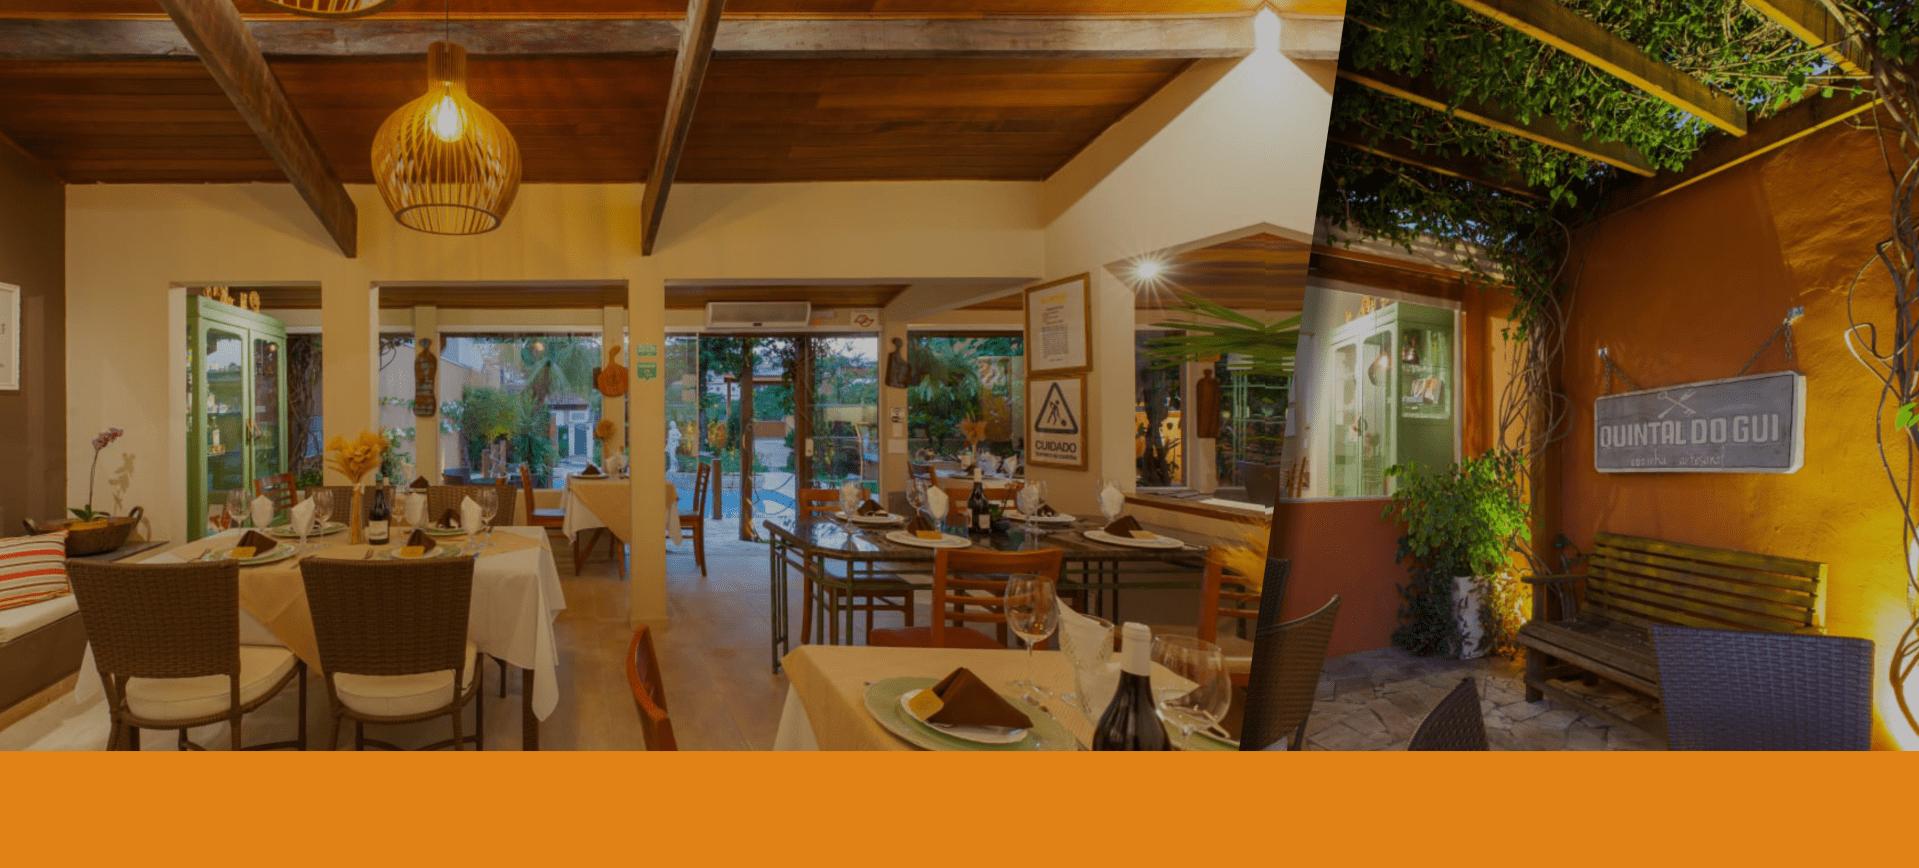 Quintal do Gui Cozinha Artesanal